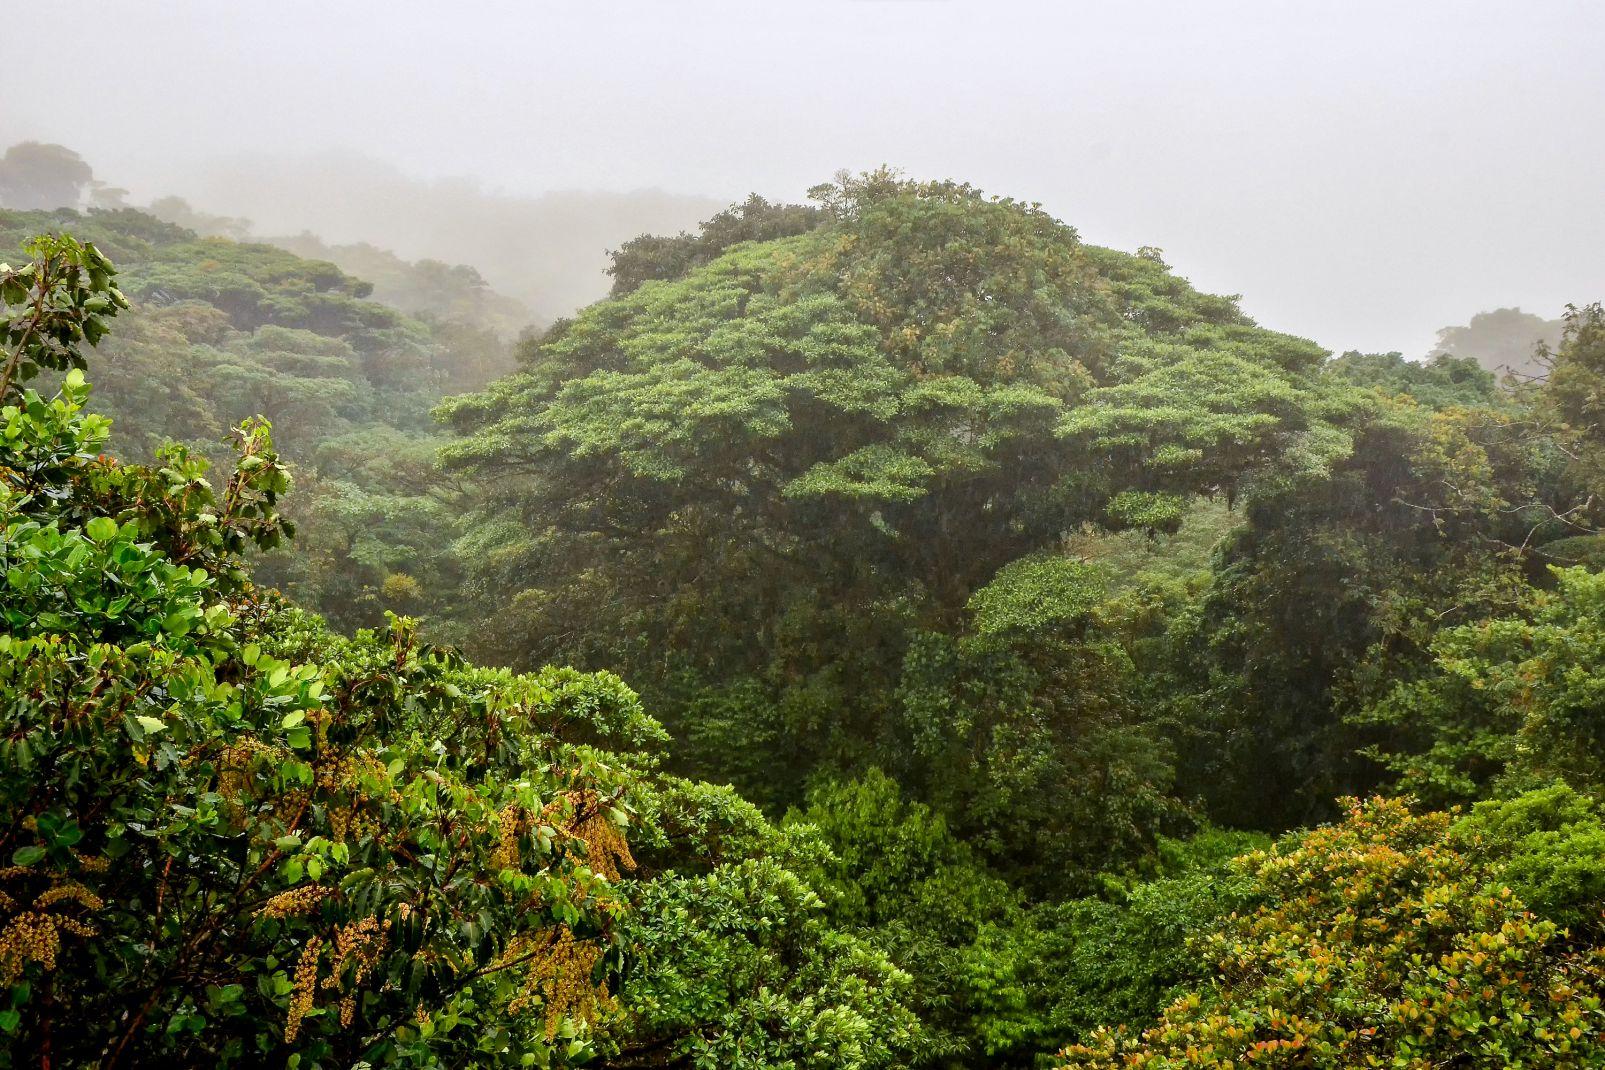 Amérique, guyana, sud, forêt, jungle